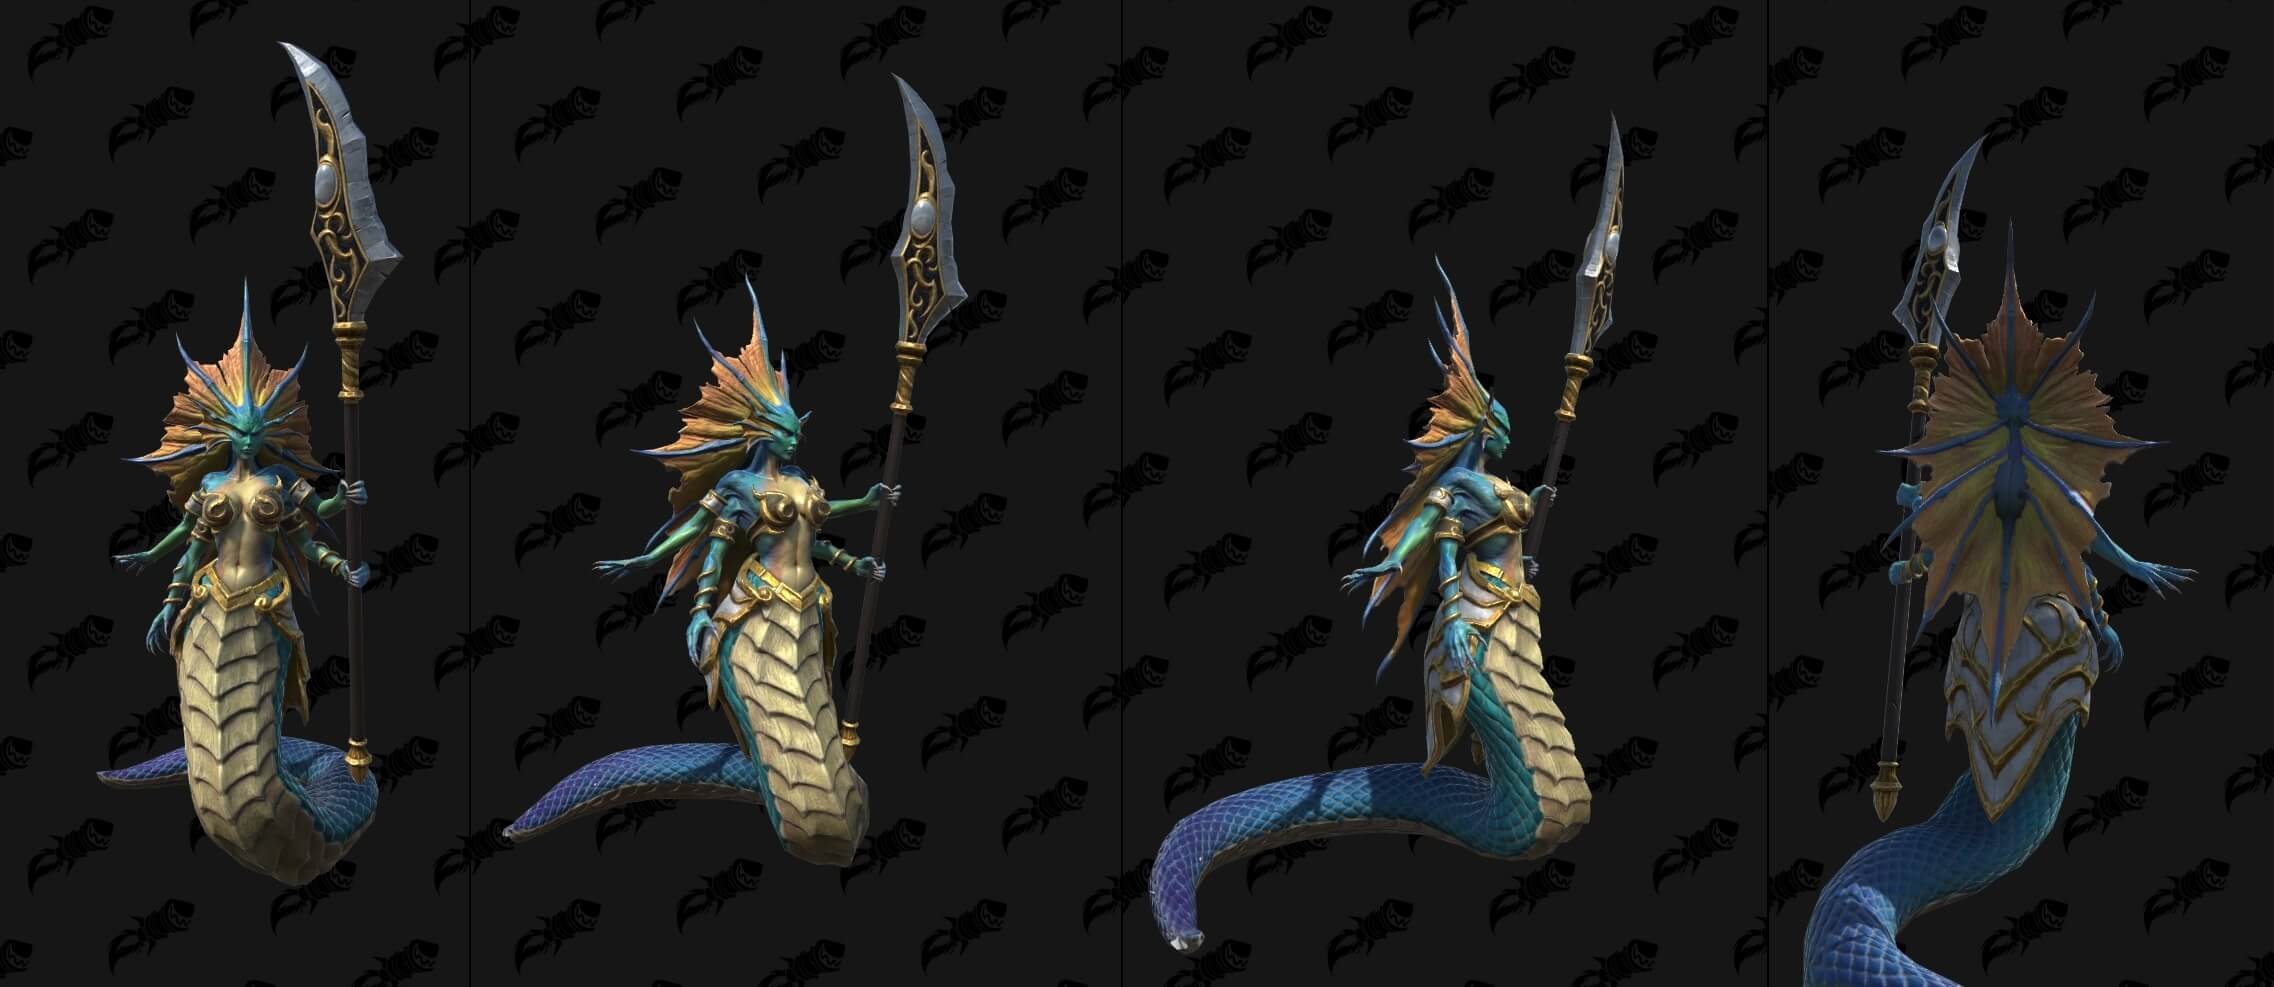 Нага-сирена Warcraft lll: Reforged